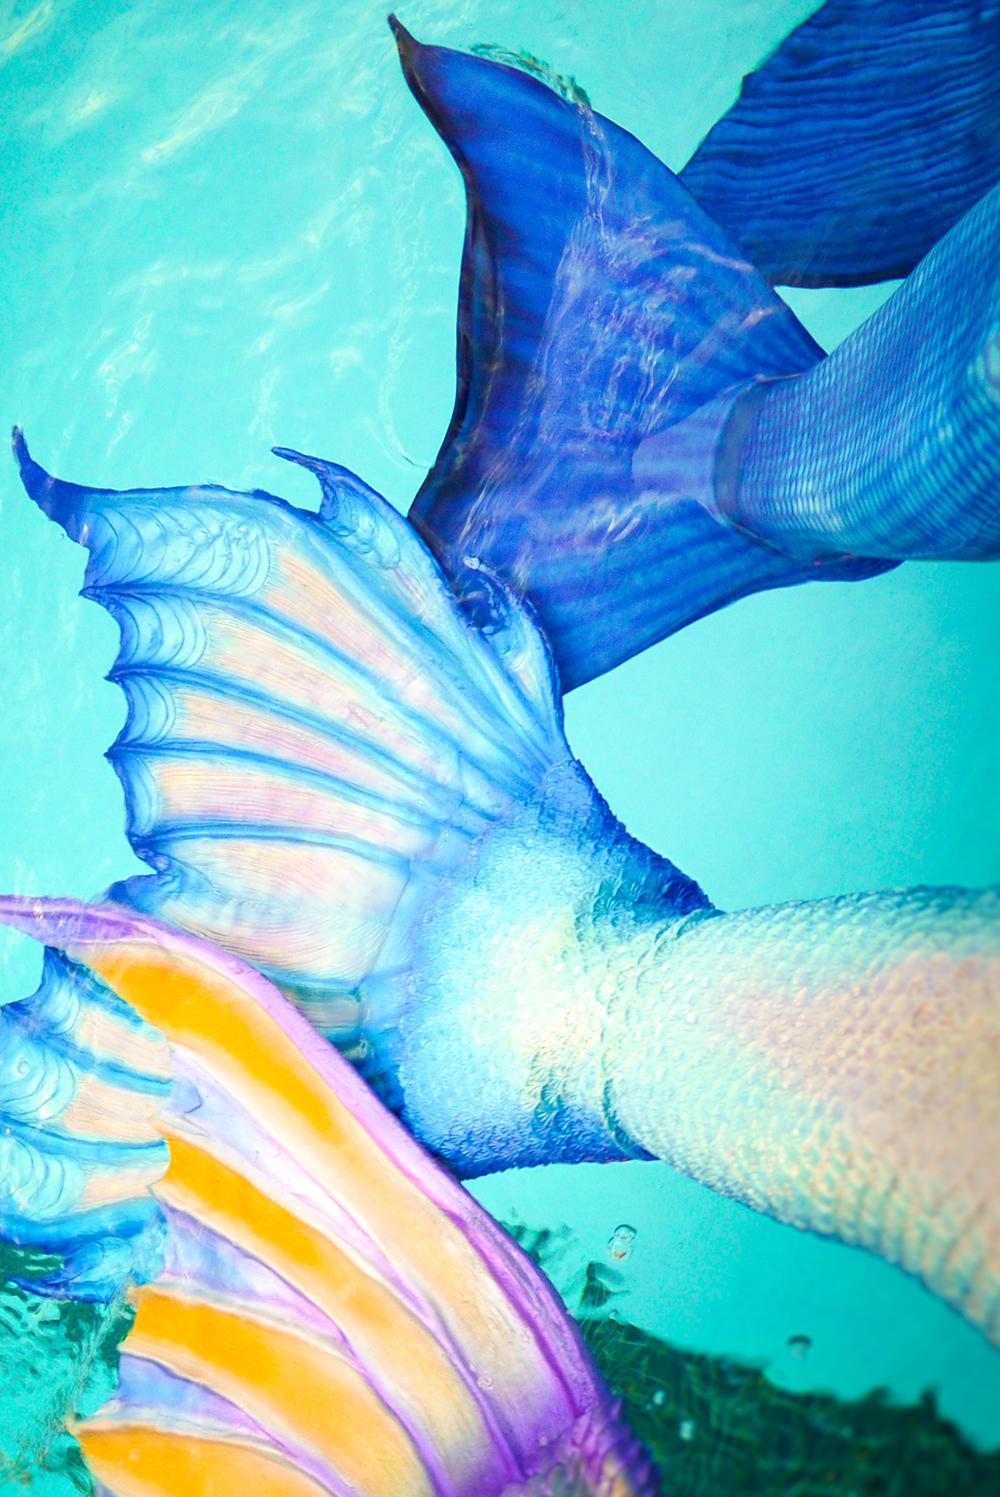 Mermaid tails!